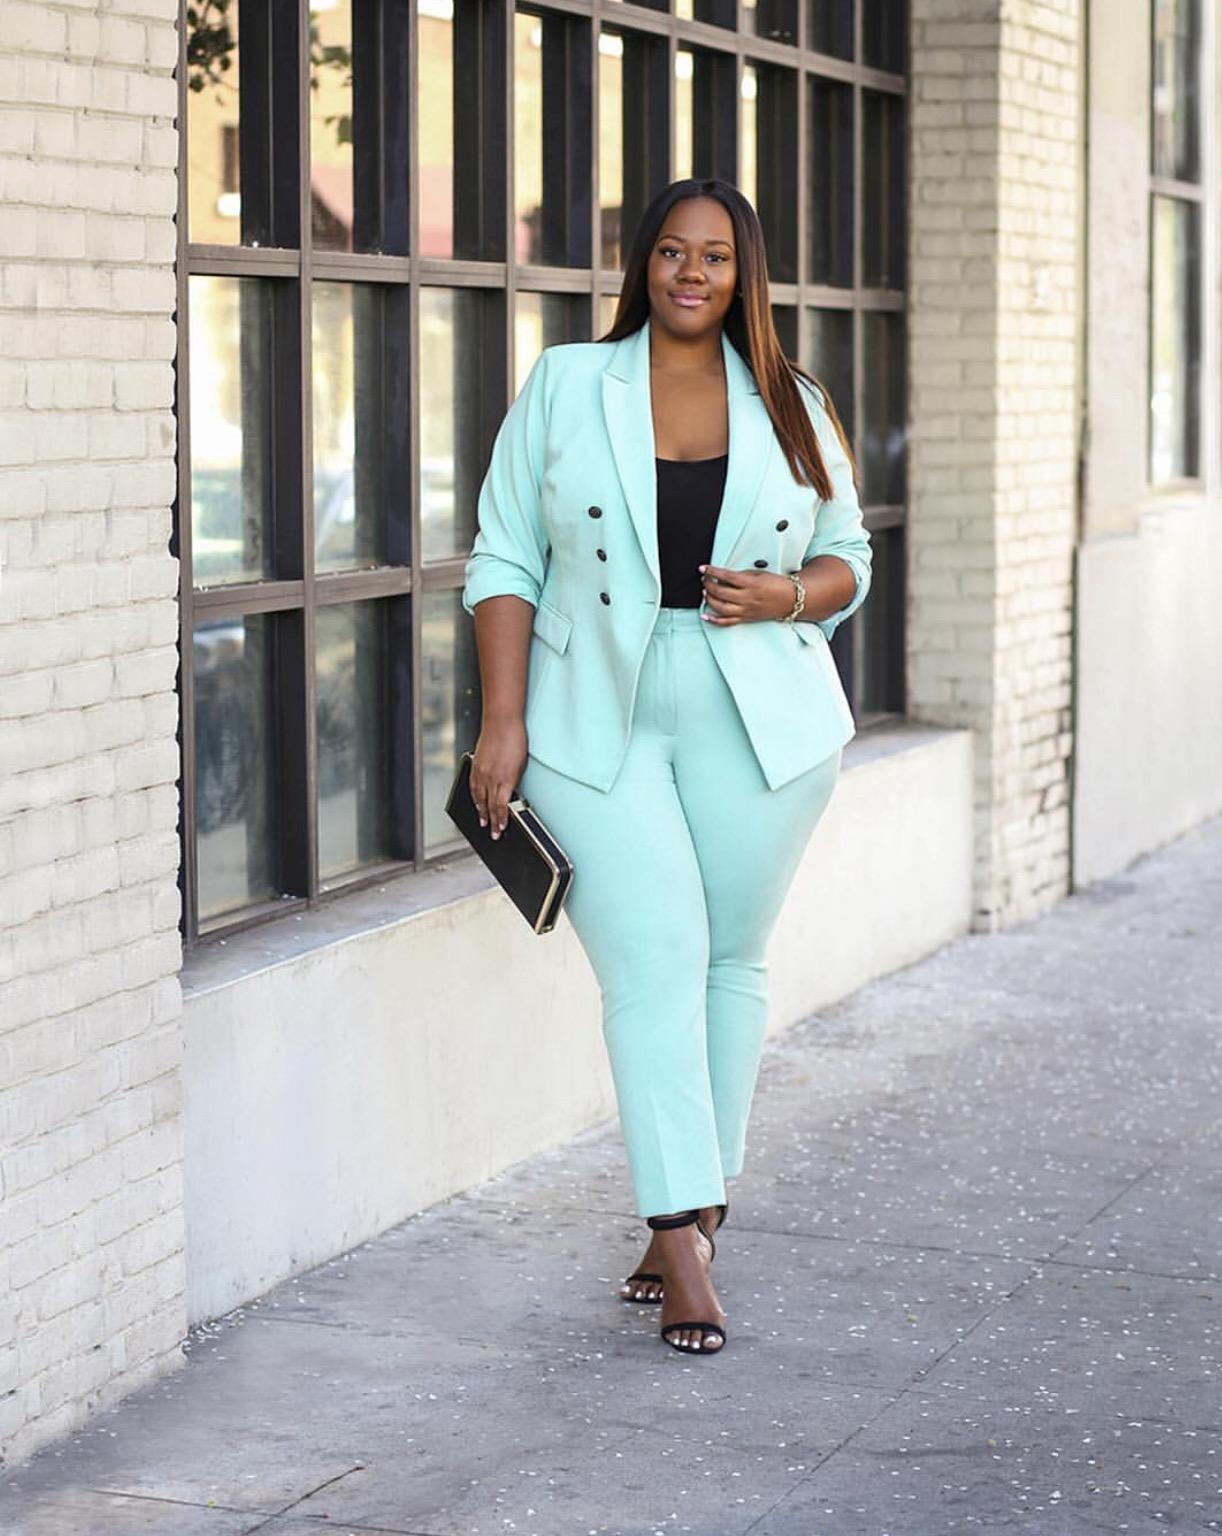 spring 18 trend pastels Mskristine